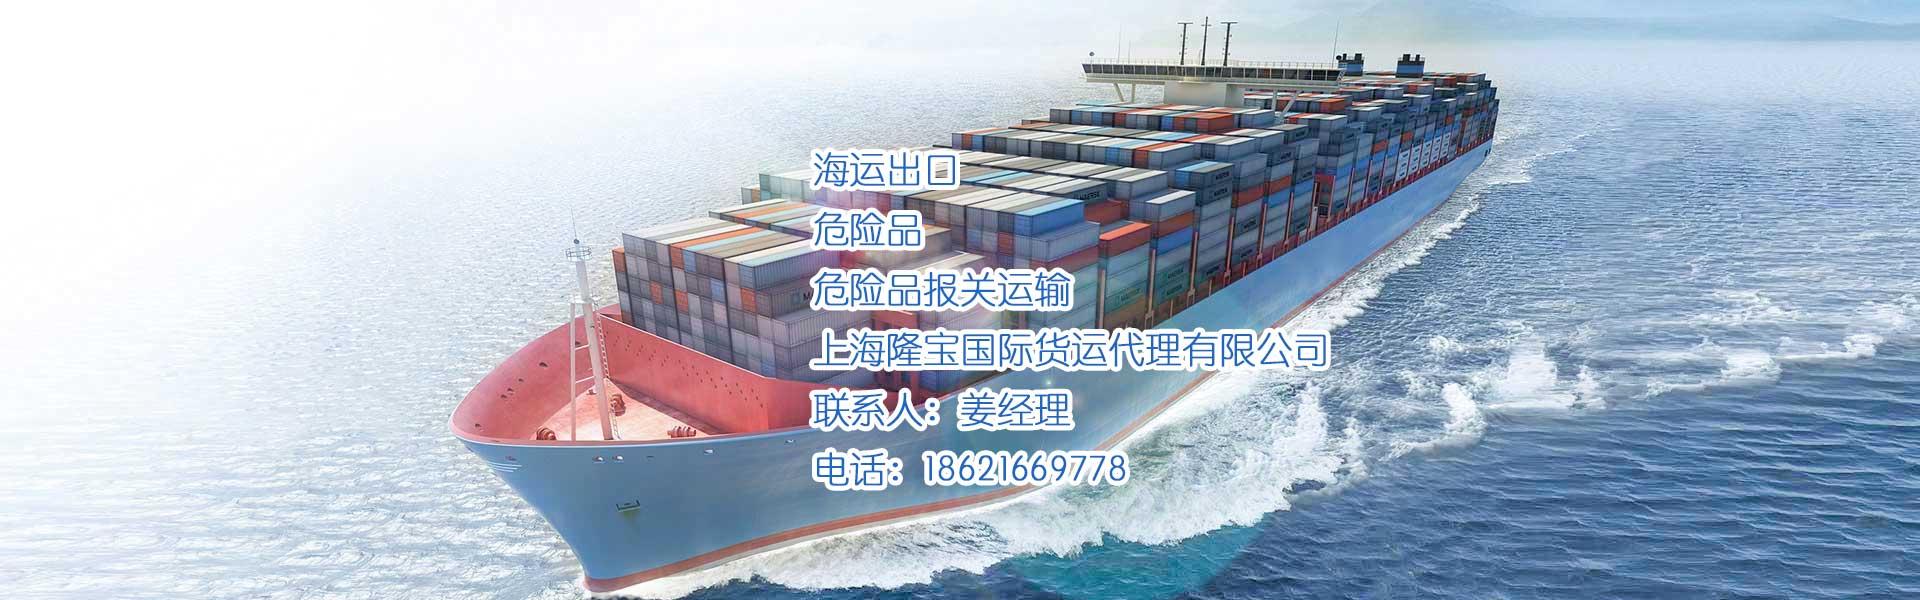 危险品报关海运出口电话18621669778